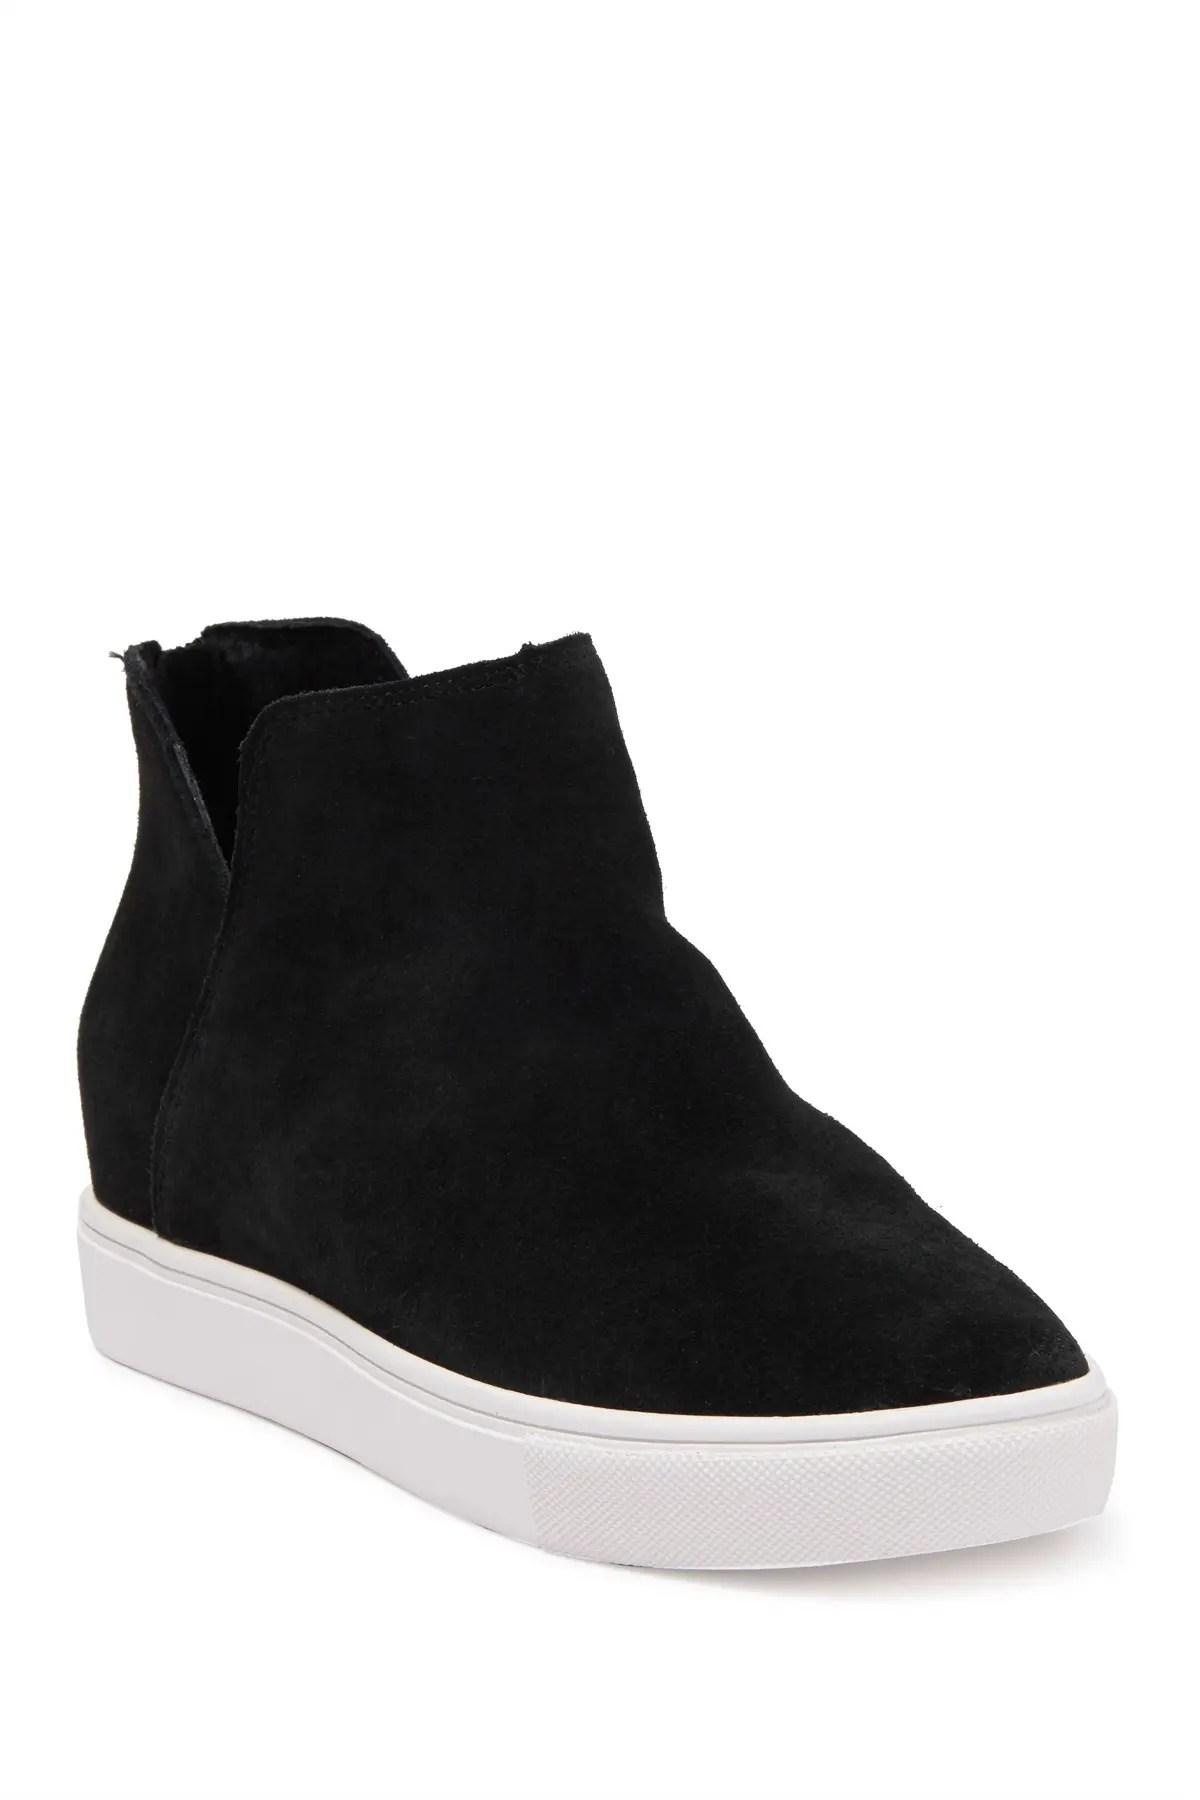 https www nordstromrack com brands steve 20madden women shoes